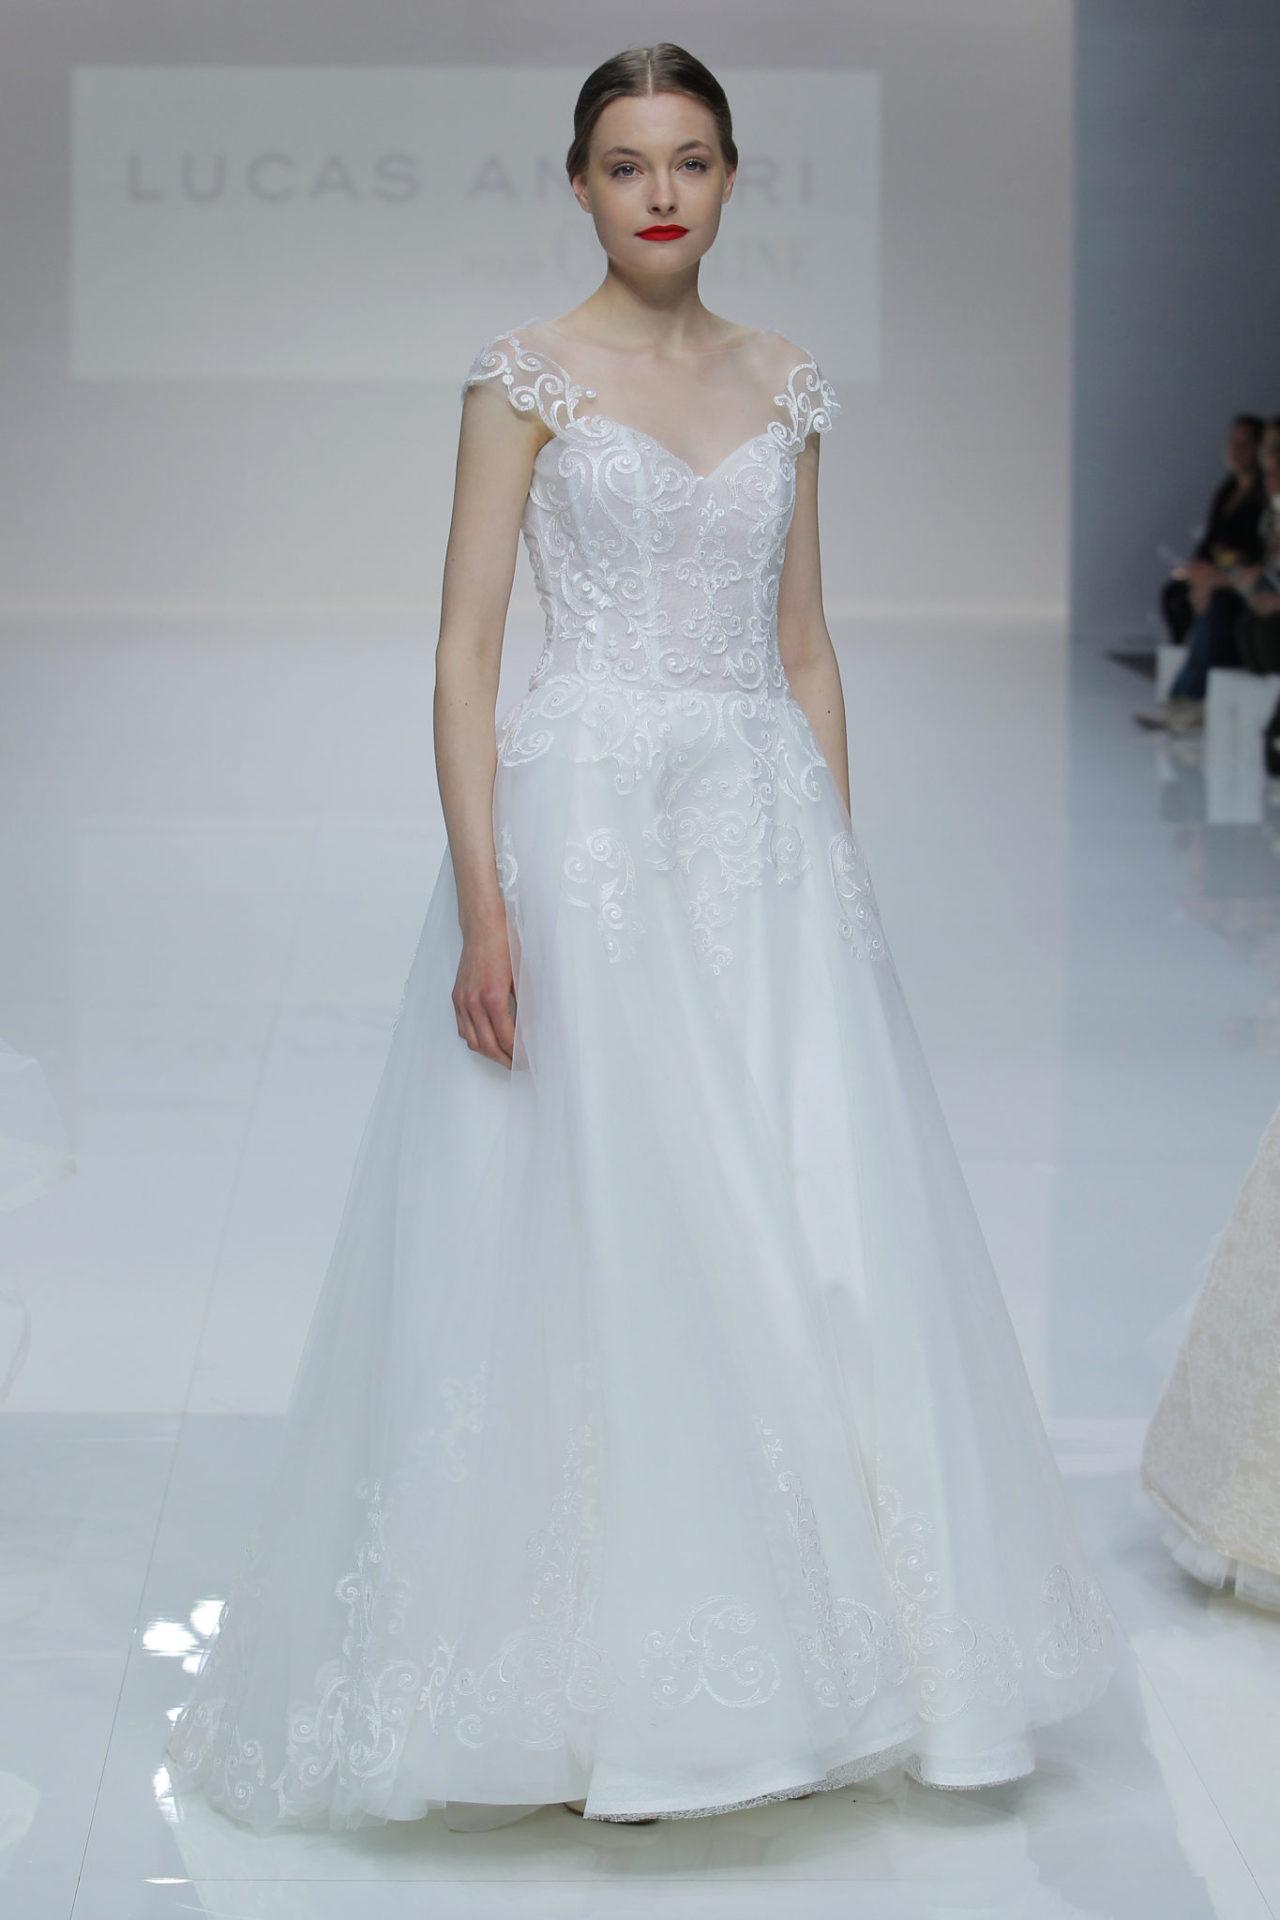 Lucas Anderi pour Cymbeline - Cymbeline - Robes de mariée ...